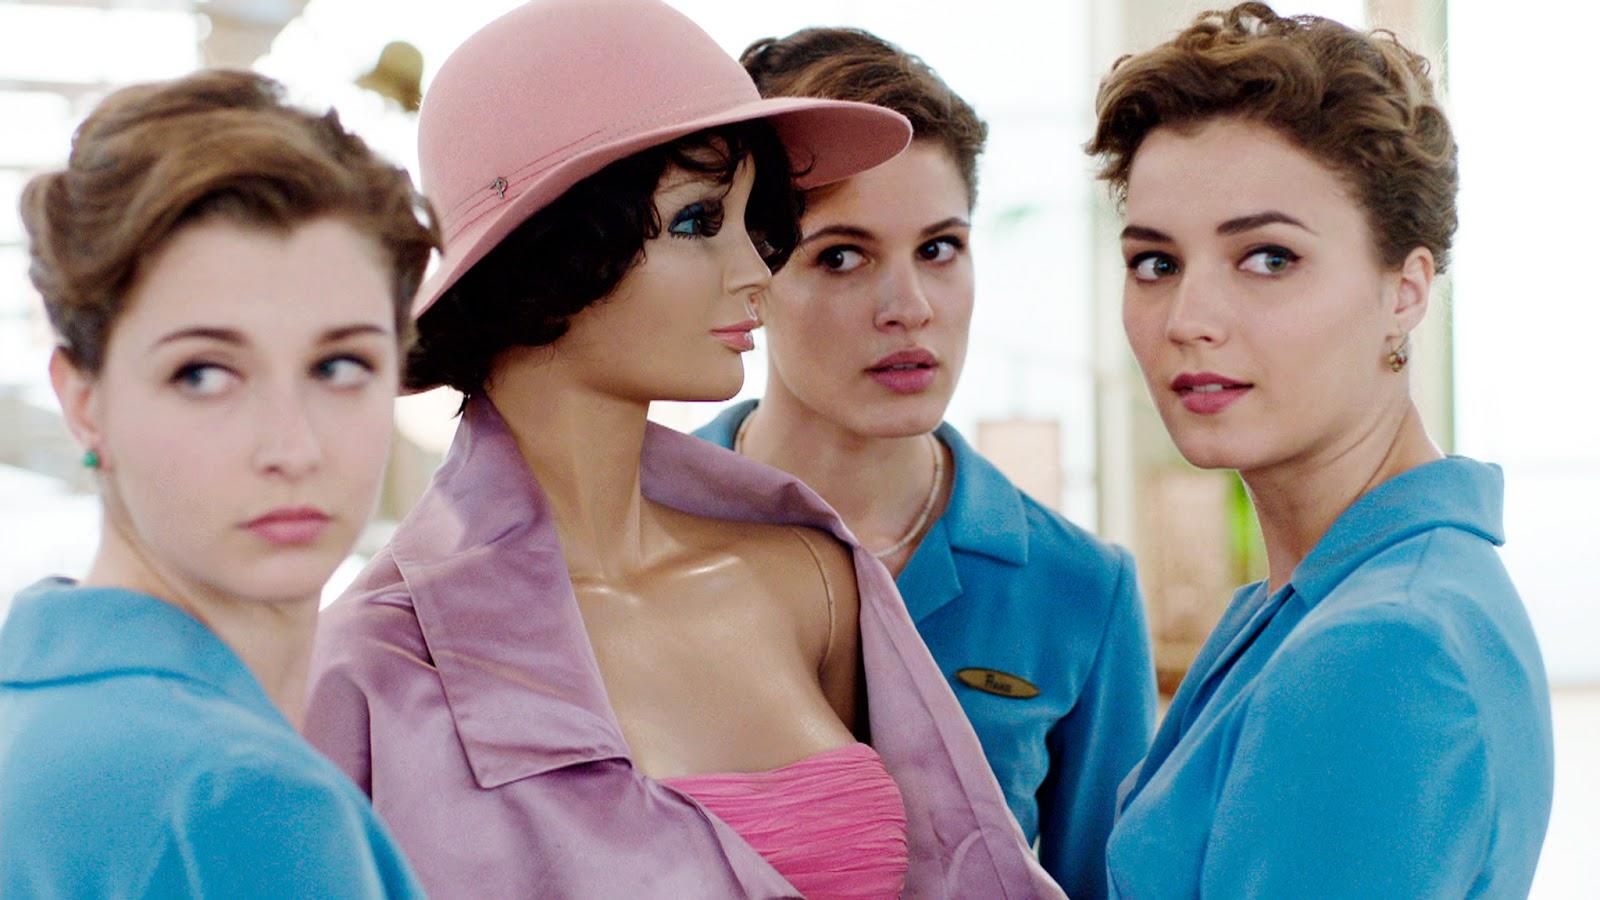 H&M:n liikeidea on tarjota muotia ja laatua parhaaseen hintaan, vastuullisesti. Perustamisestaan lähtien H&M on kasvanut yhdeksi maailman johtavista muotialan yrityksistä. Tämän sivuston sisältö kuuluu tekijänoikeussuojan piiriin ja kaikki tekijänoikeudet kuuluvat H & M Hennes & Mauritz AB:lle. H&M.